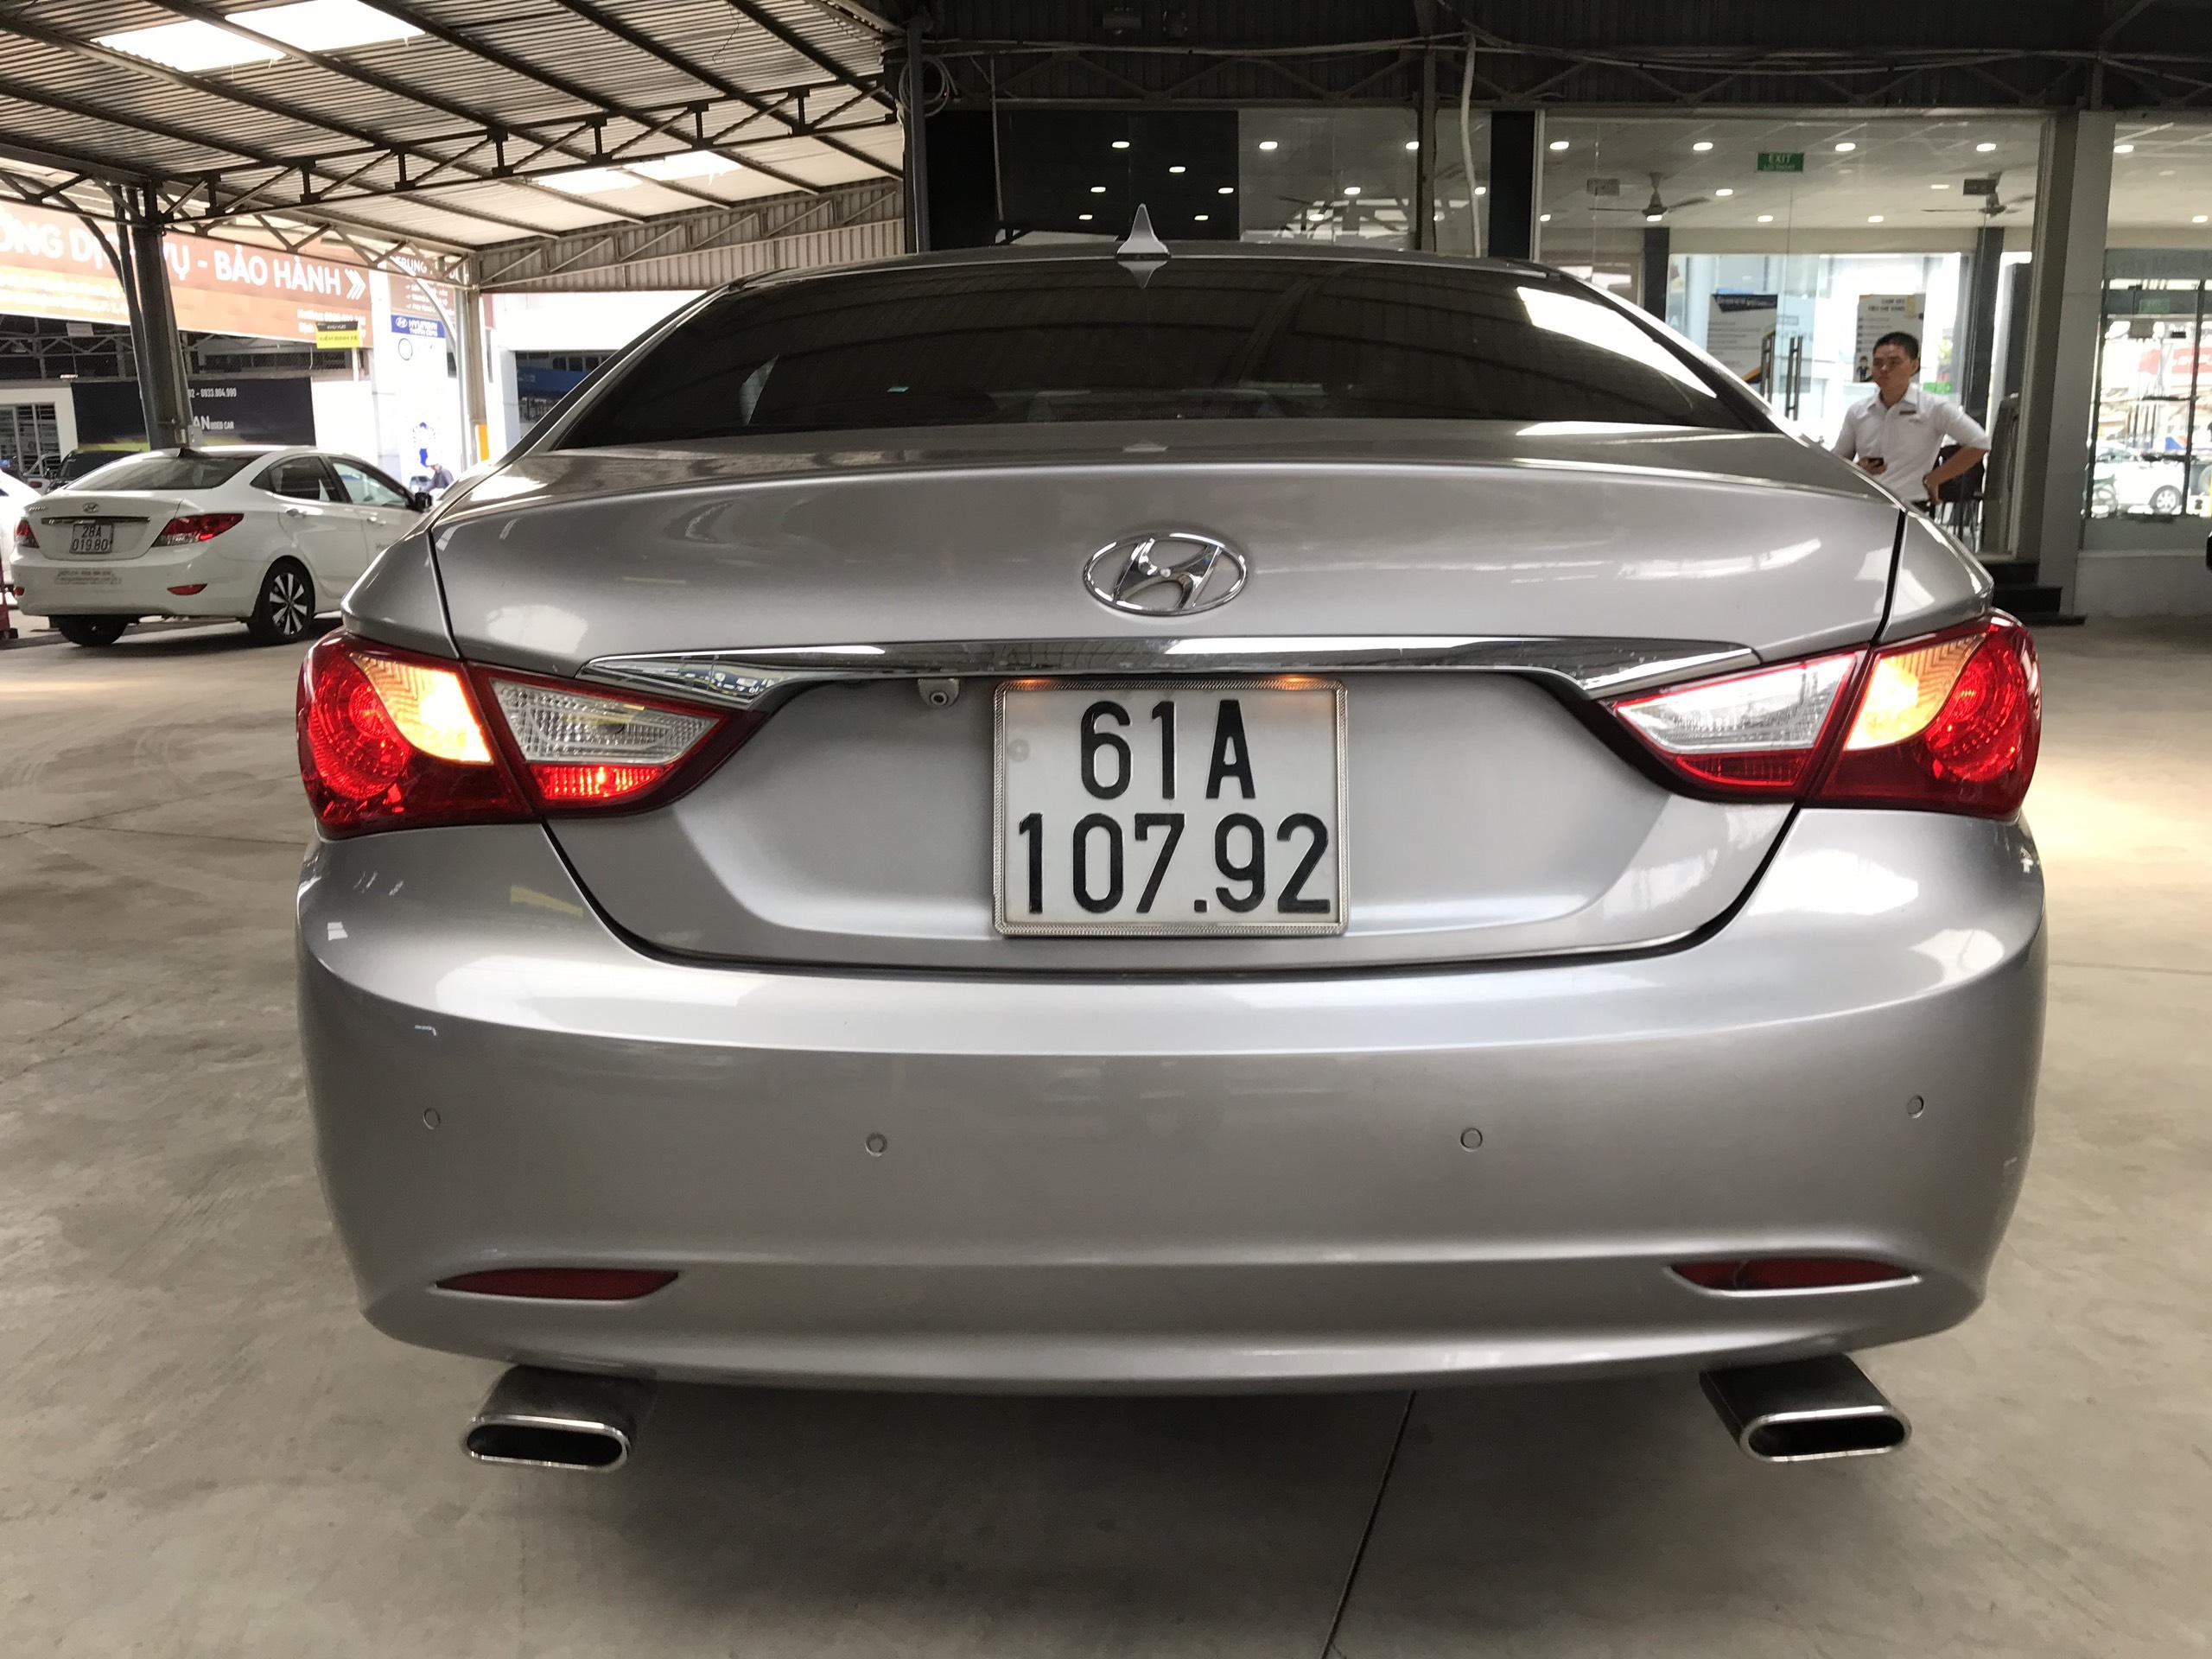 Bán Hyundai Sonata 2.0AT màu bạc số tự động nhập Hàn Quốc 2010 biển Bình Dương đi 88000km